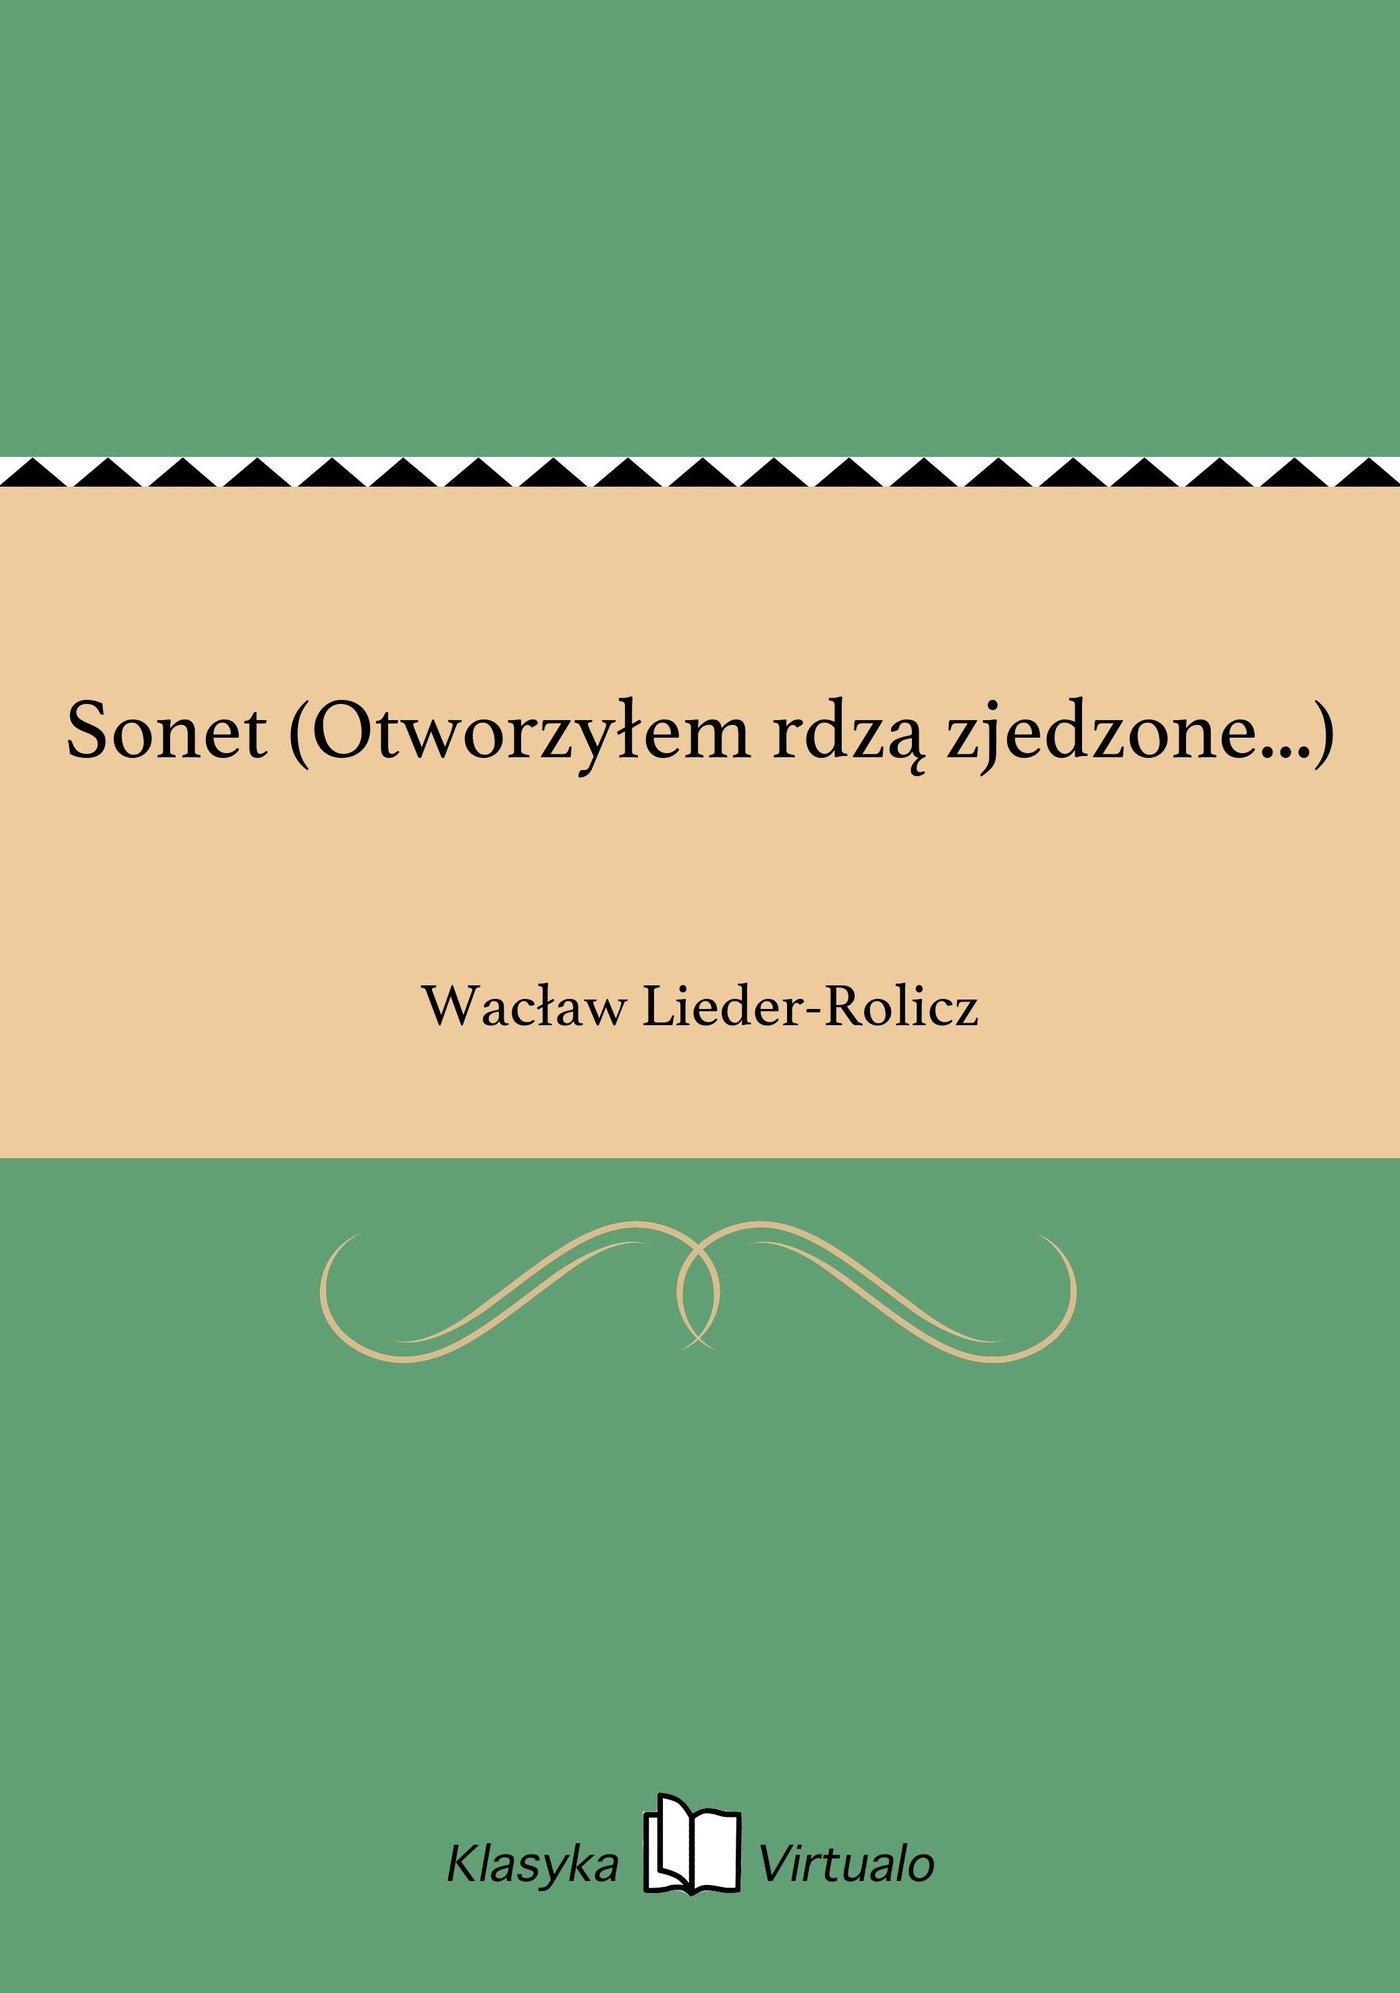 Sonet (Otworzyłem rdzą zjedzone...) - Ebook (Książka EPUB) do pobrania w formacie EPUB